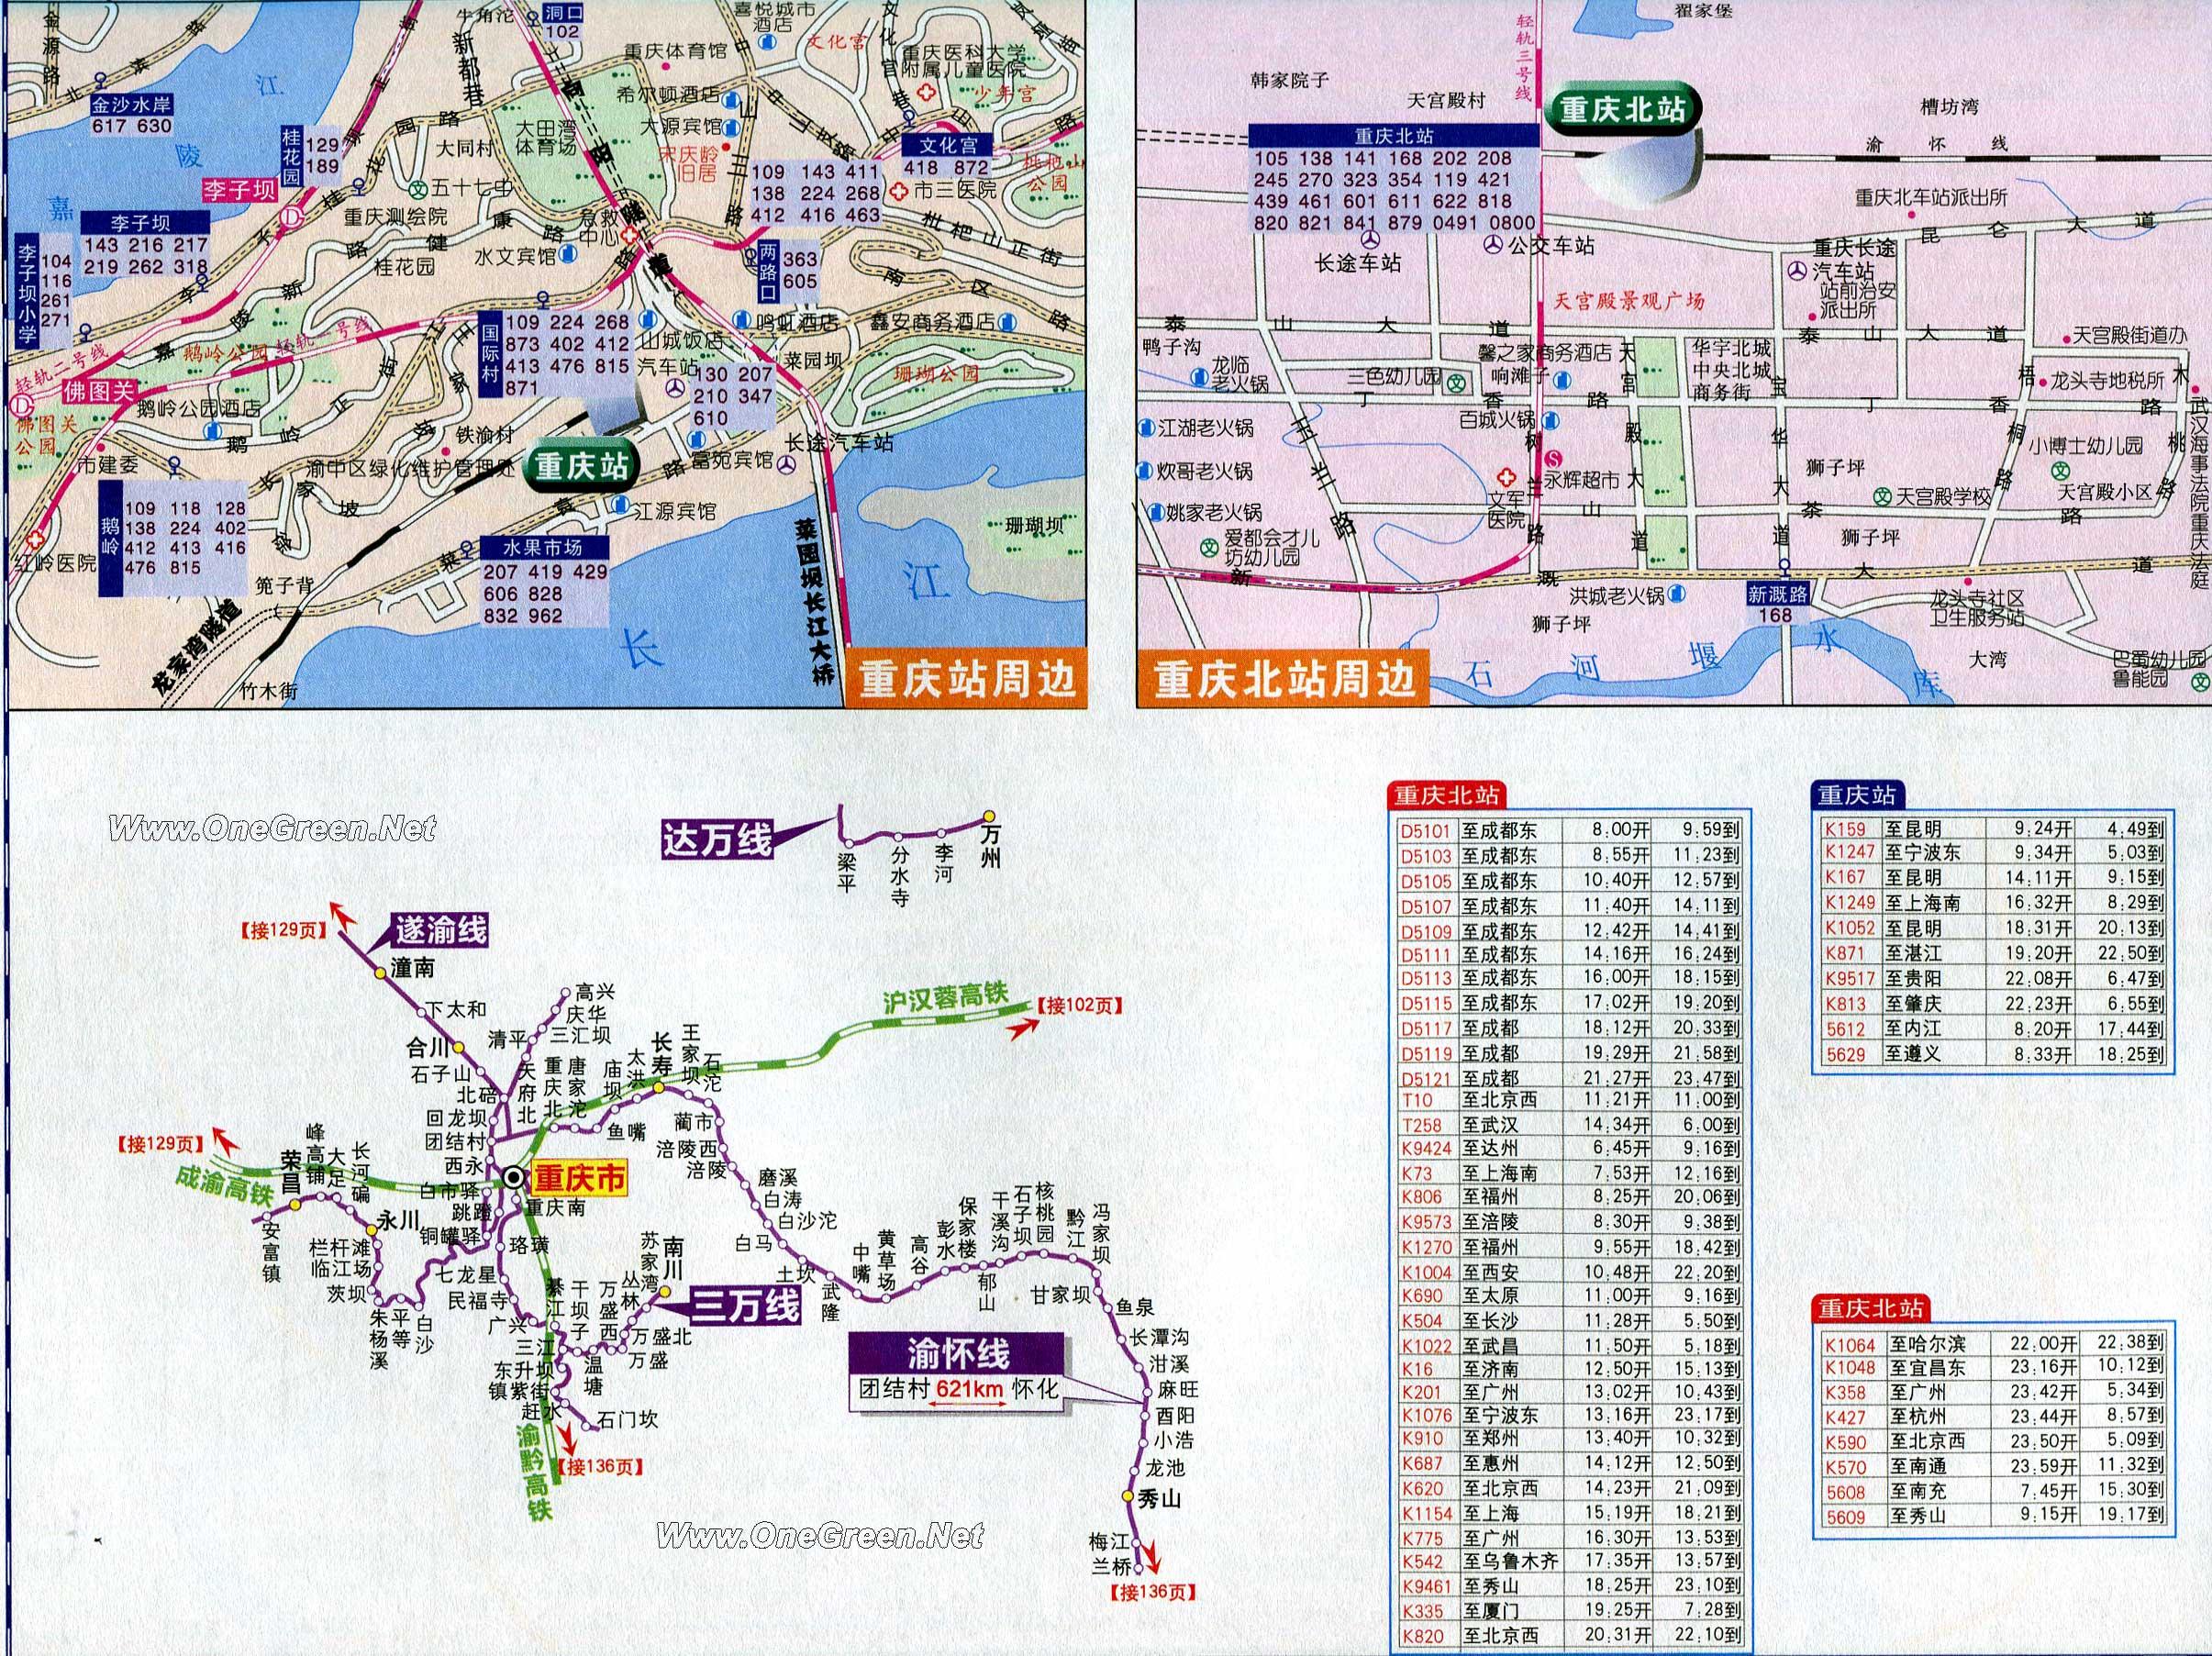 重庆市铁路交通地图